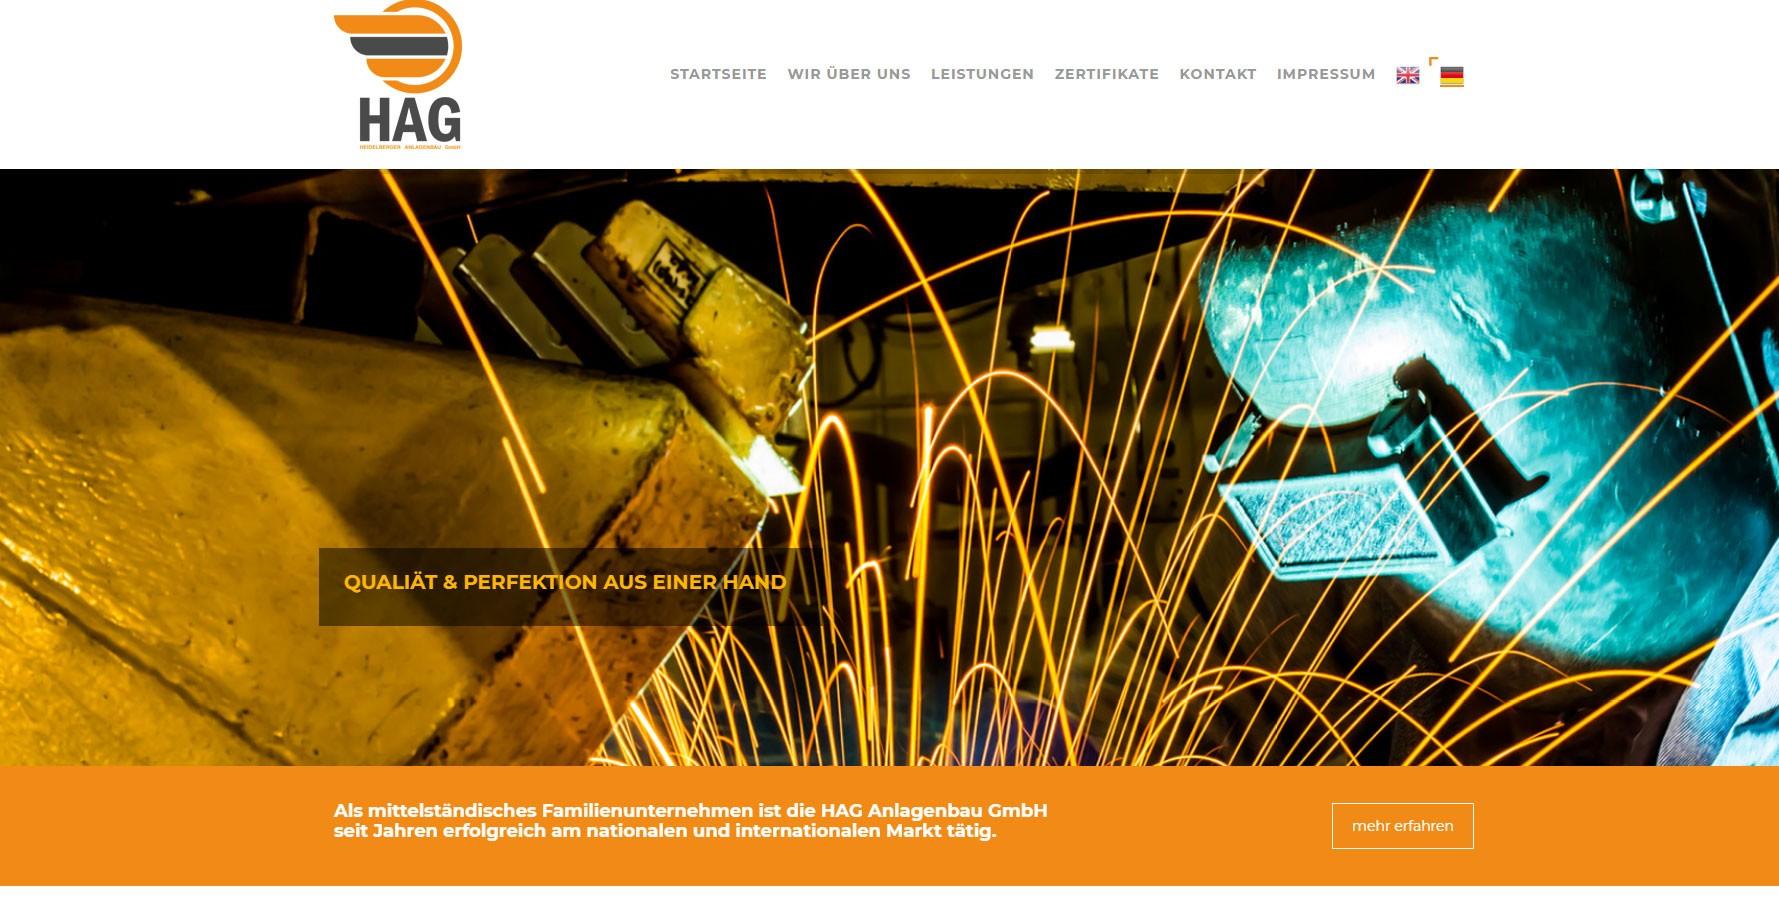 HAG Anlagenbau GmbH